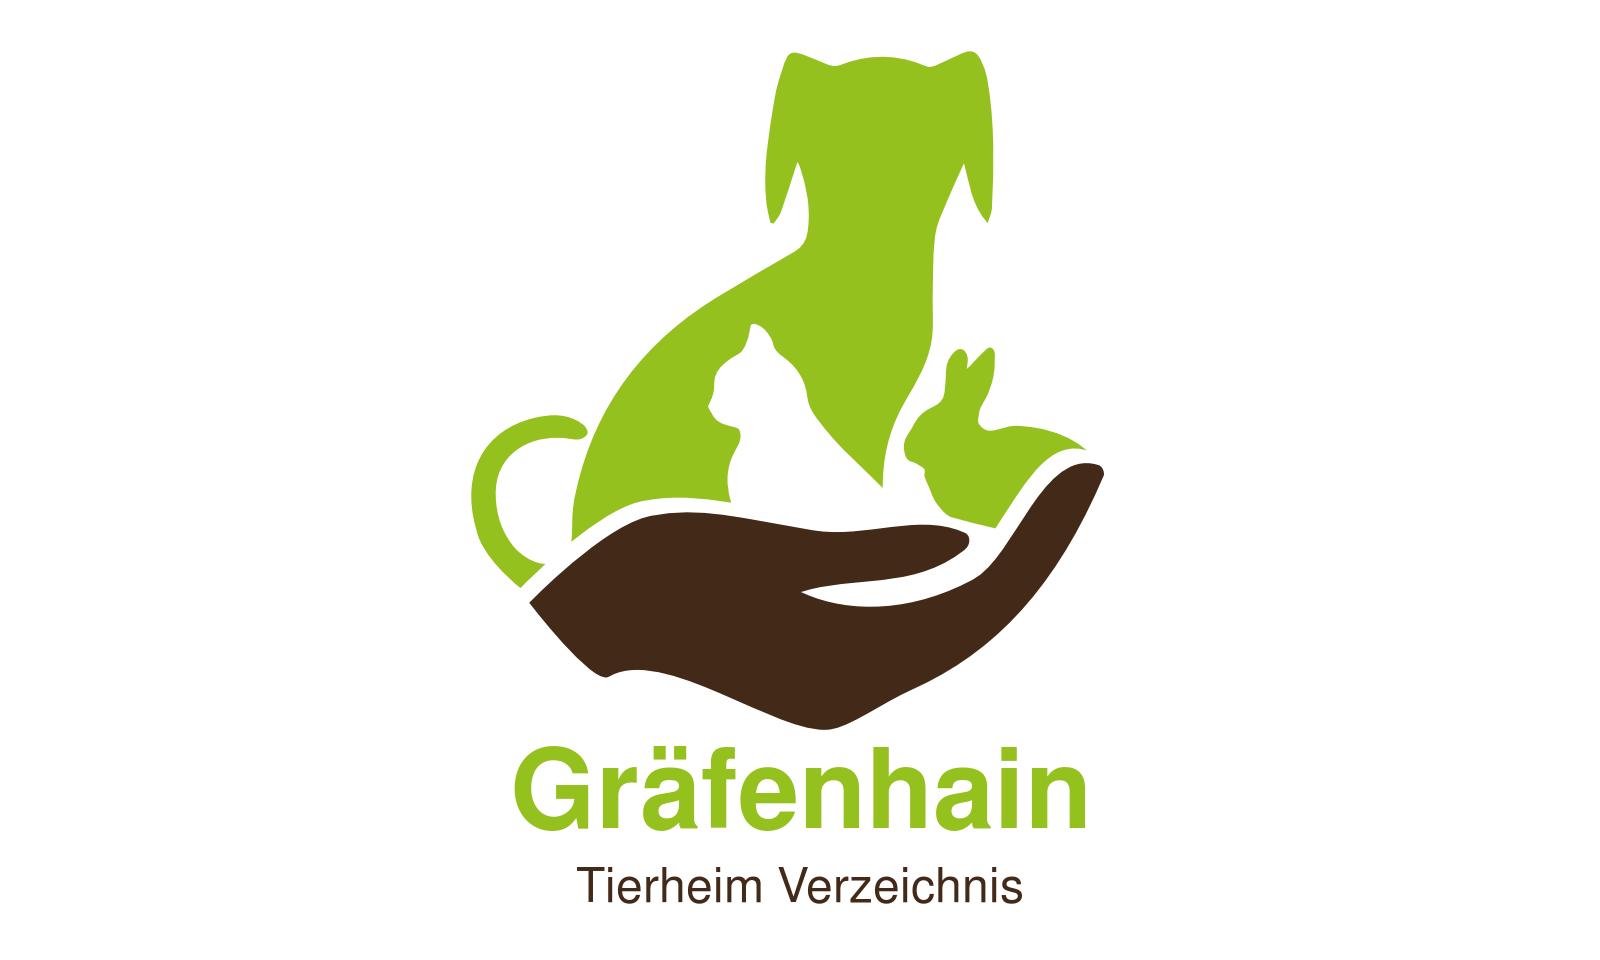 Tierheim Gräfenhain